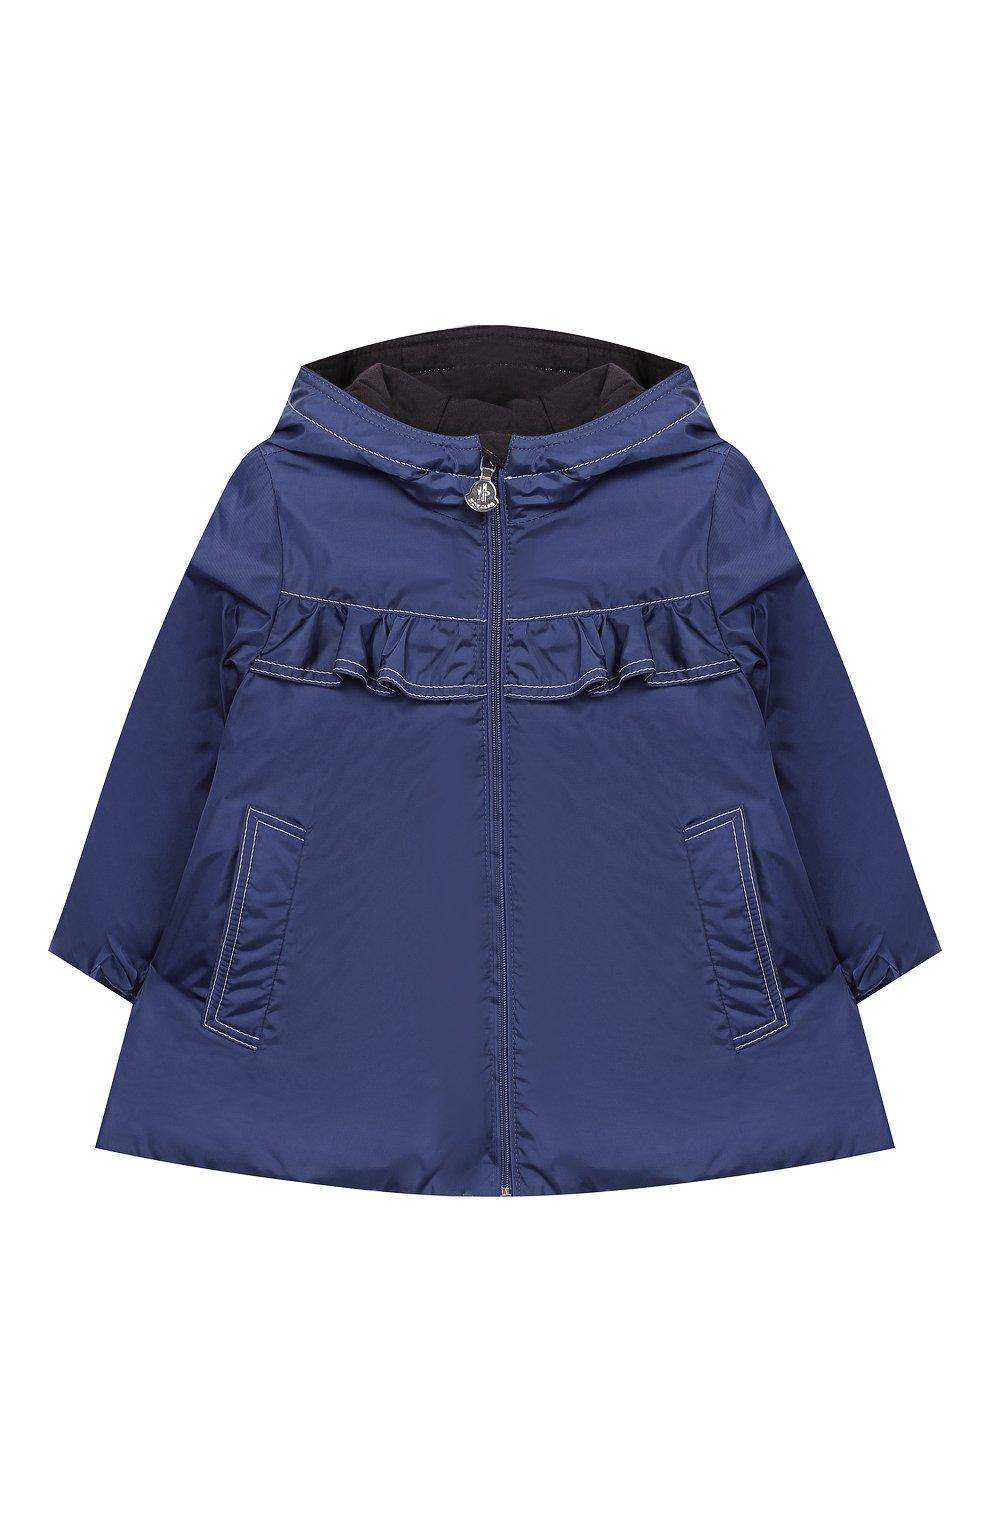 Детского пальто с капюшоном MONCLER ENFANT синего цвета, арт. E1-951-49942-05-54155 | Фото 1